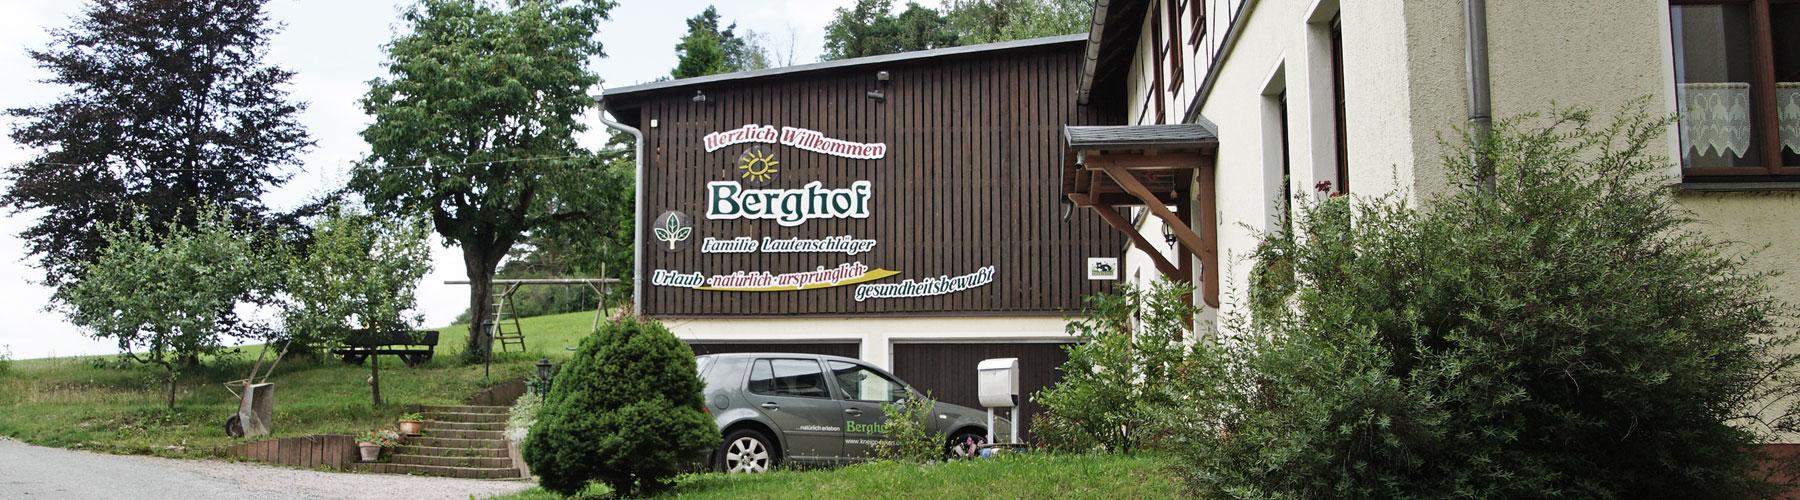 Berghof Weckersdorf